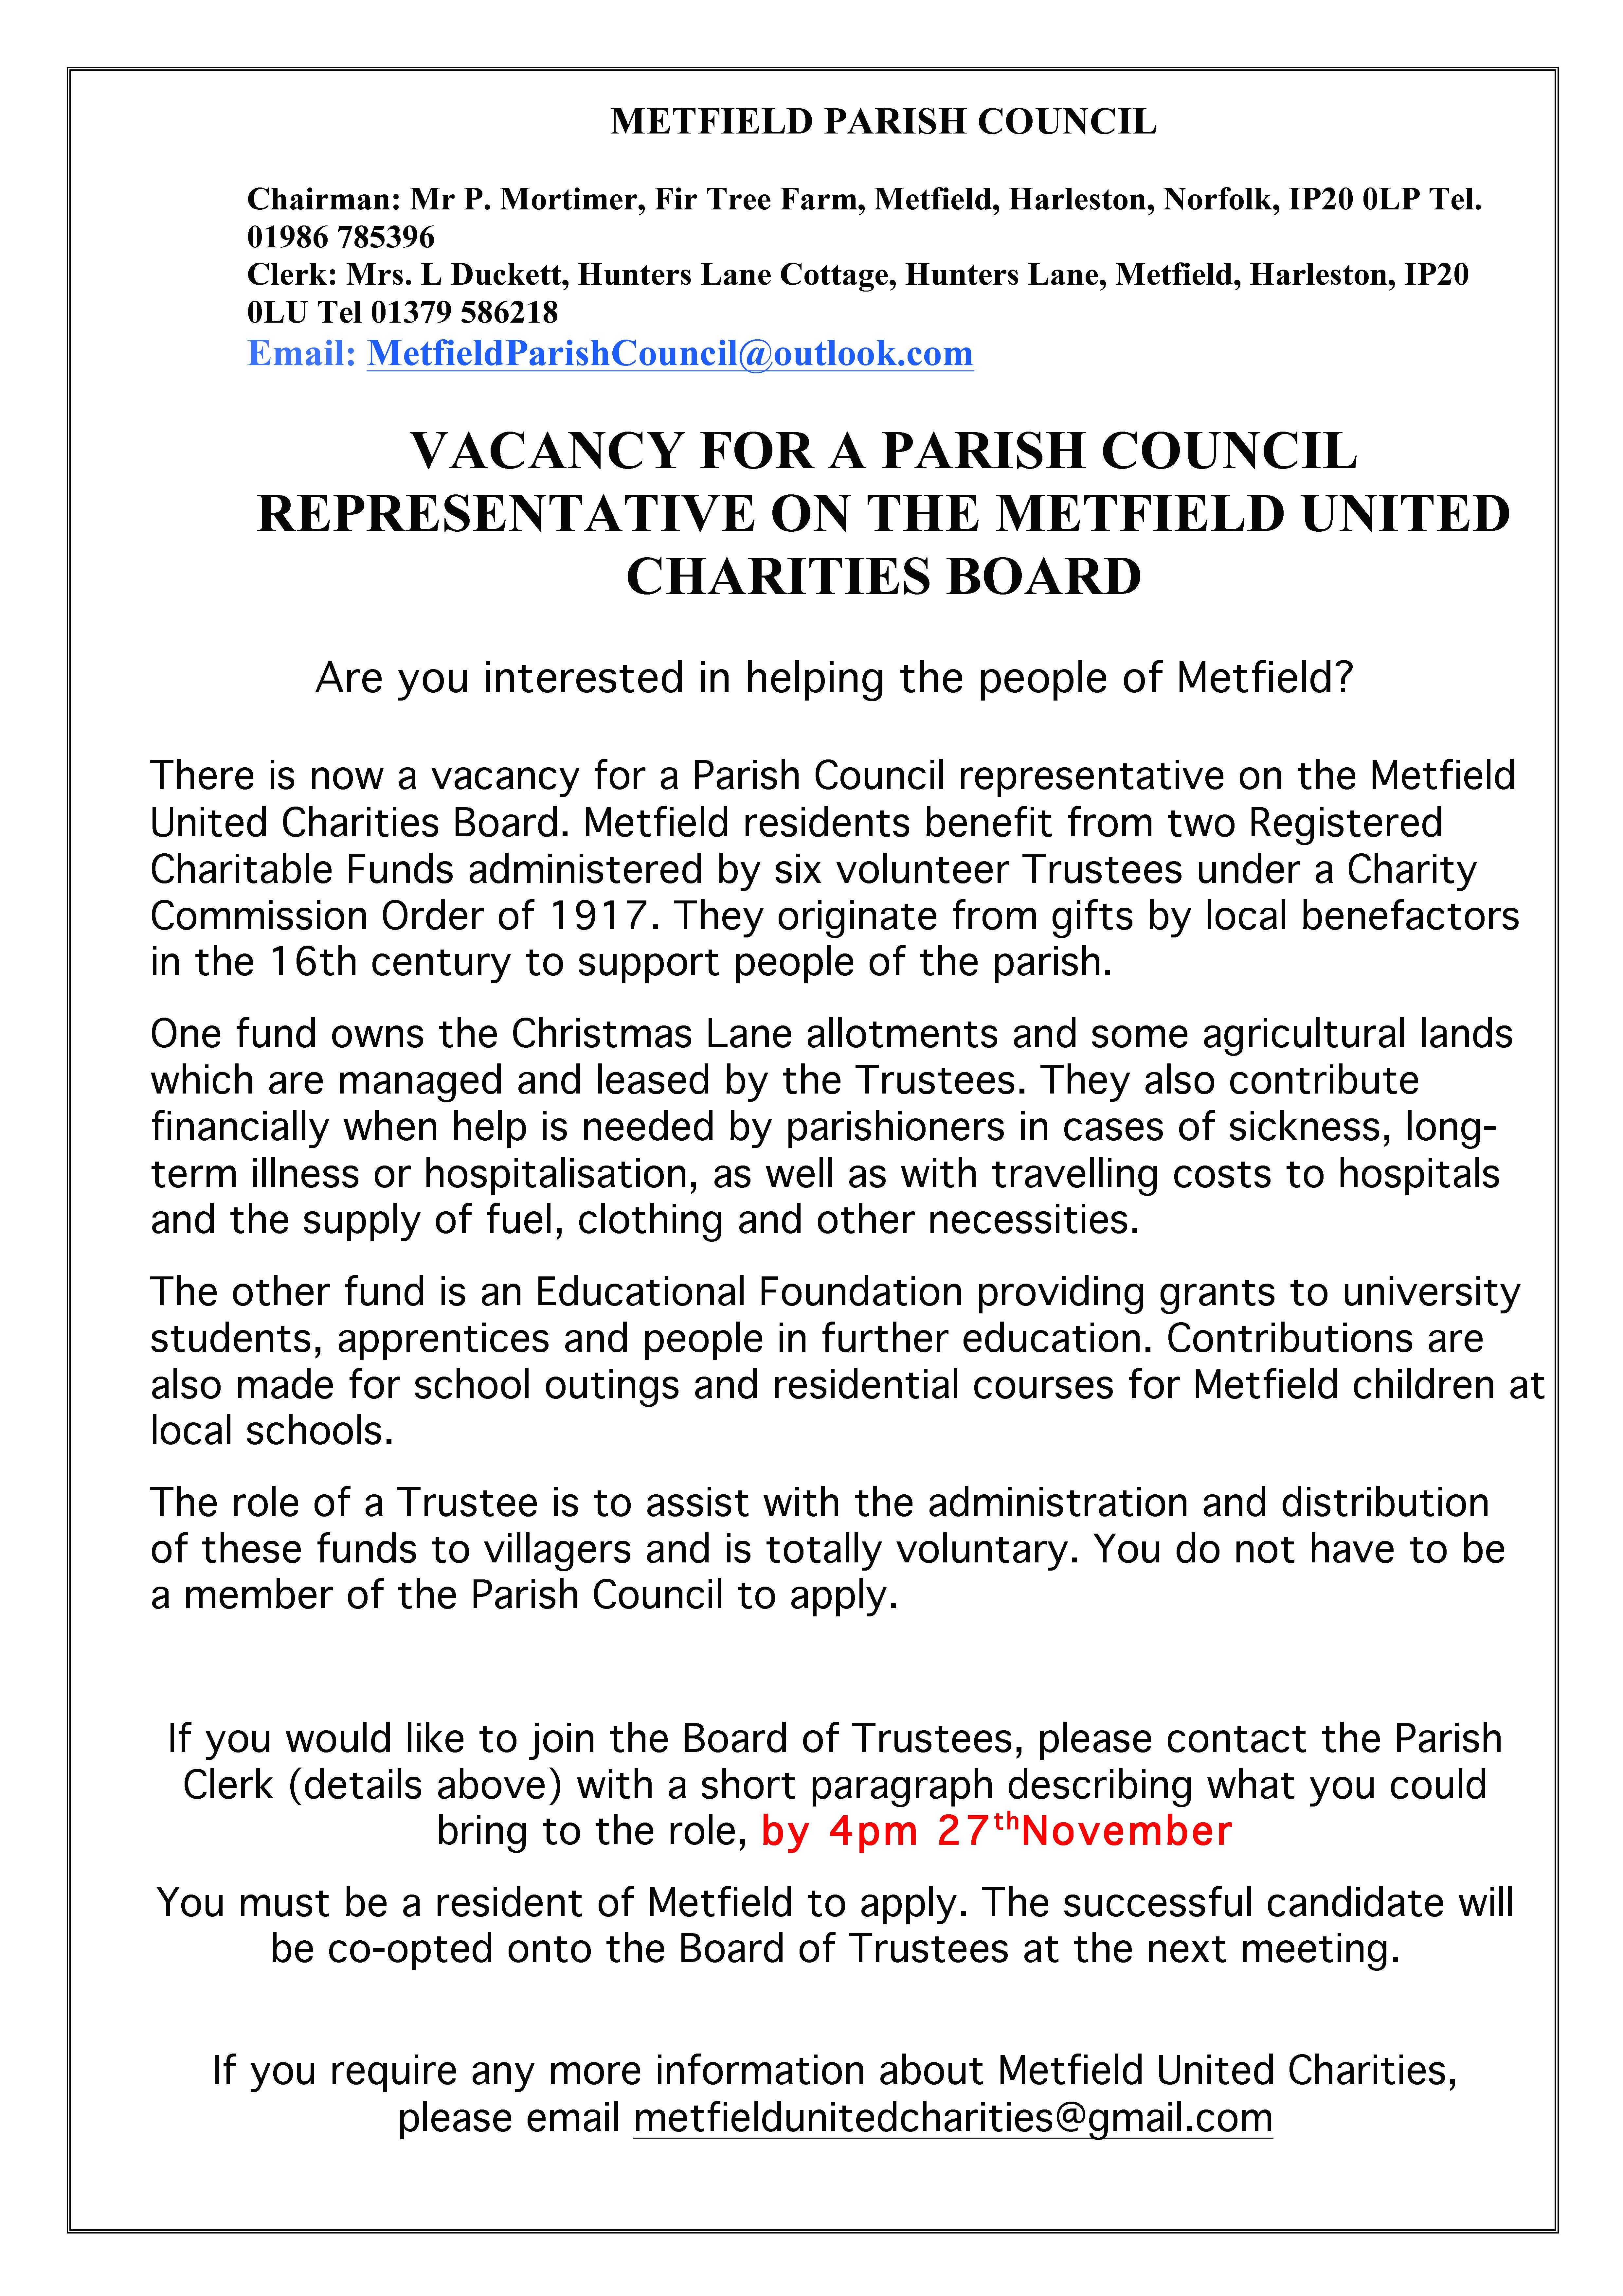 vacancy notice - MUC